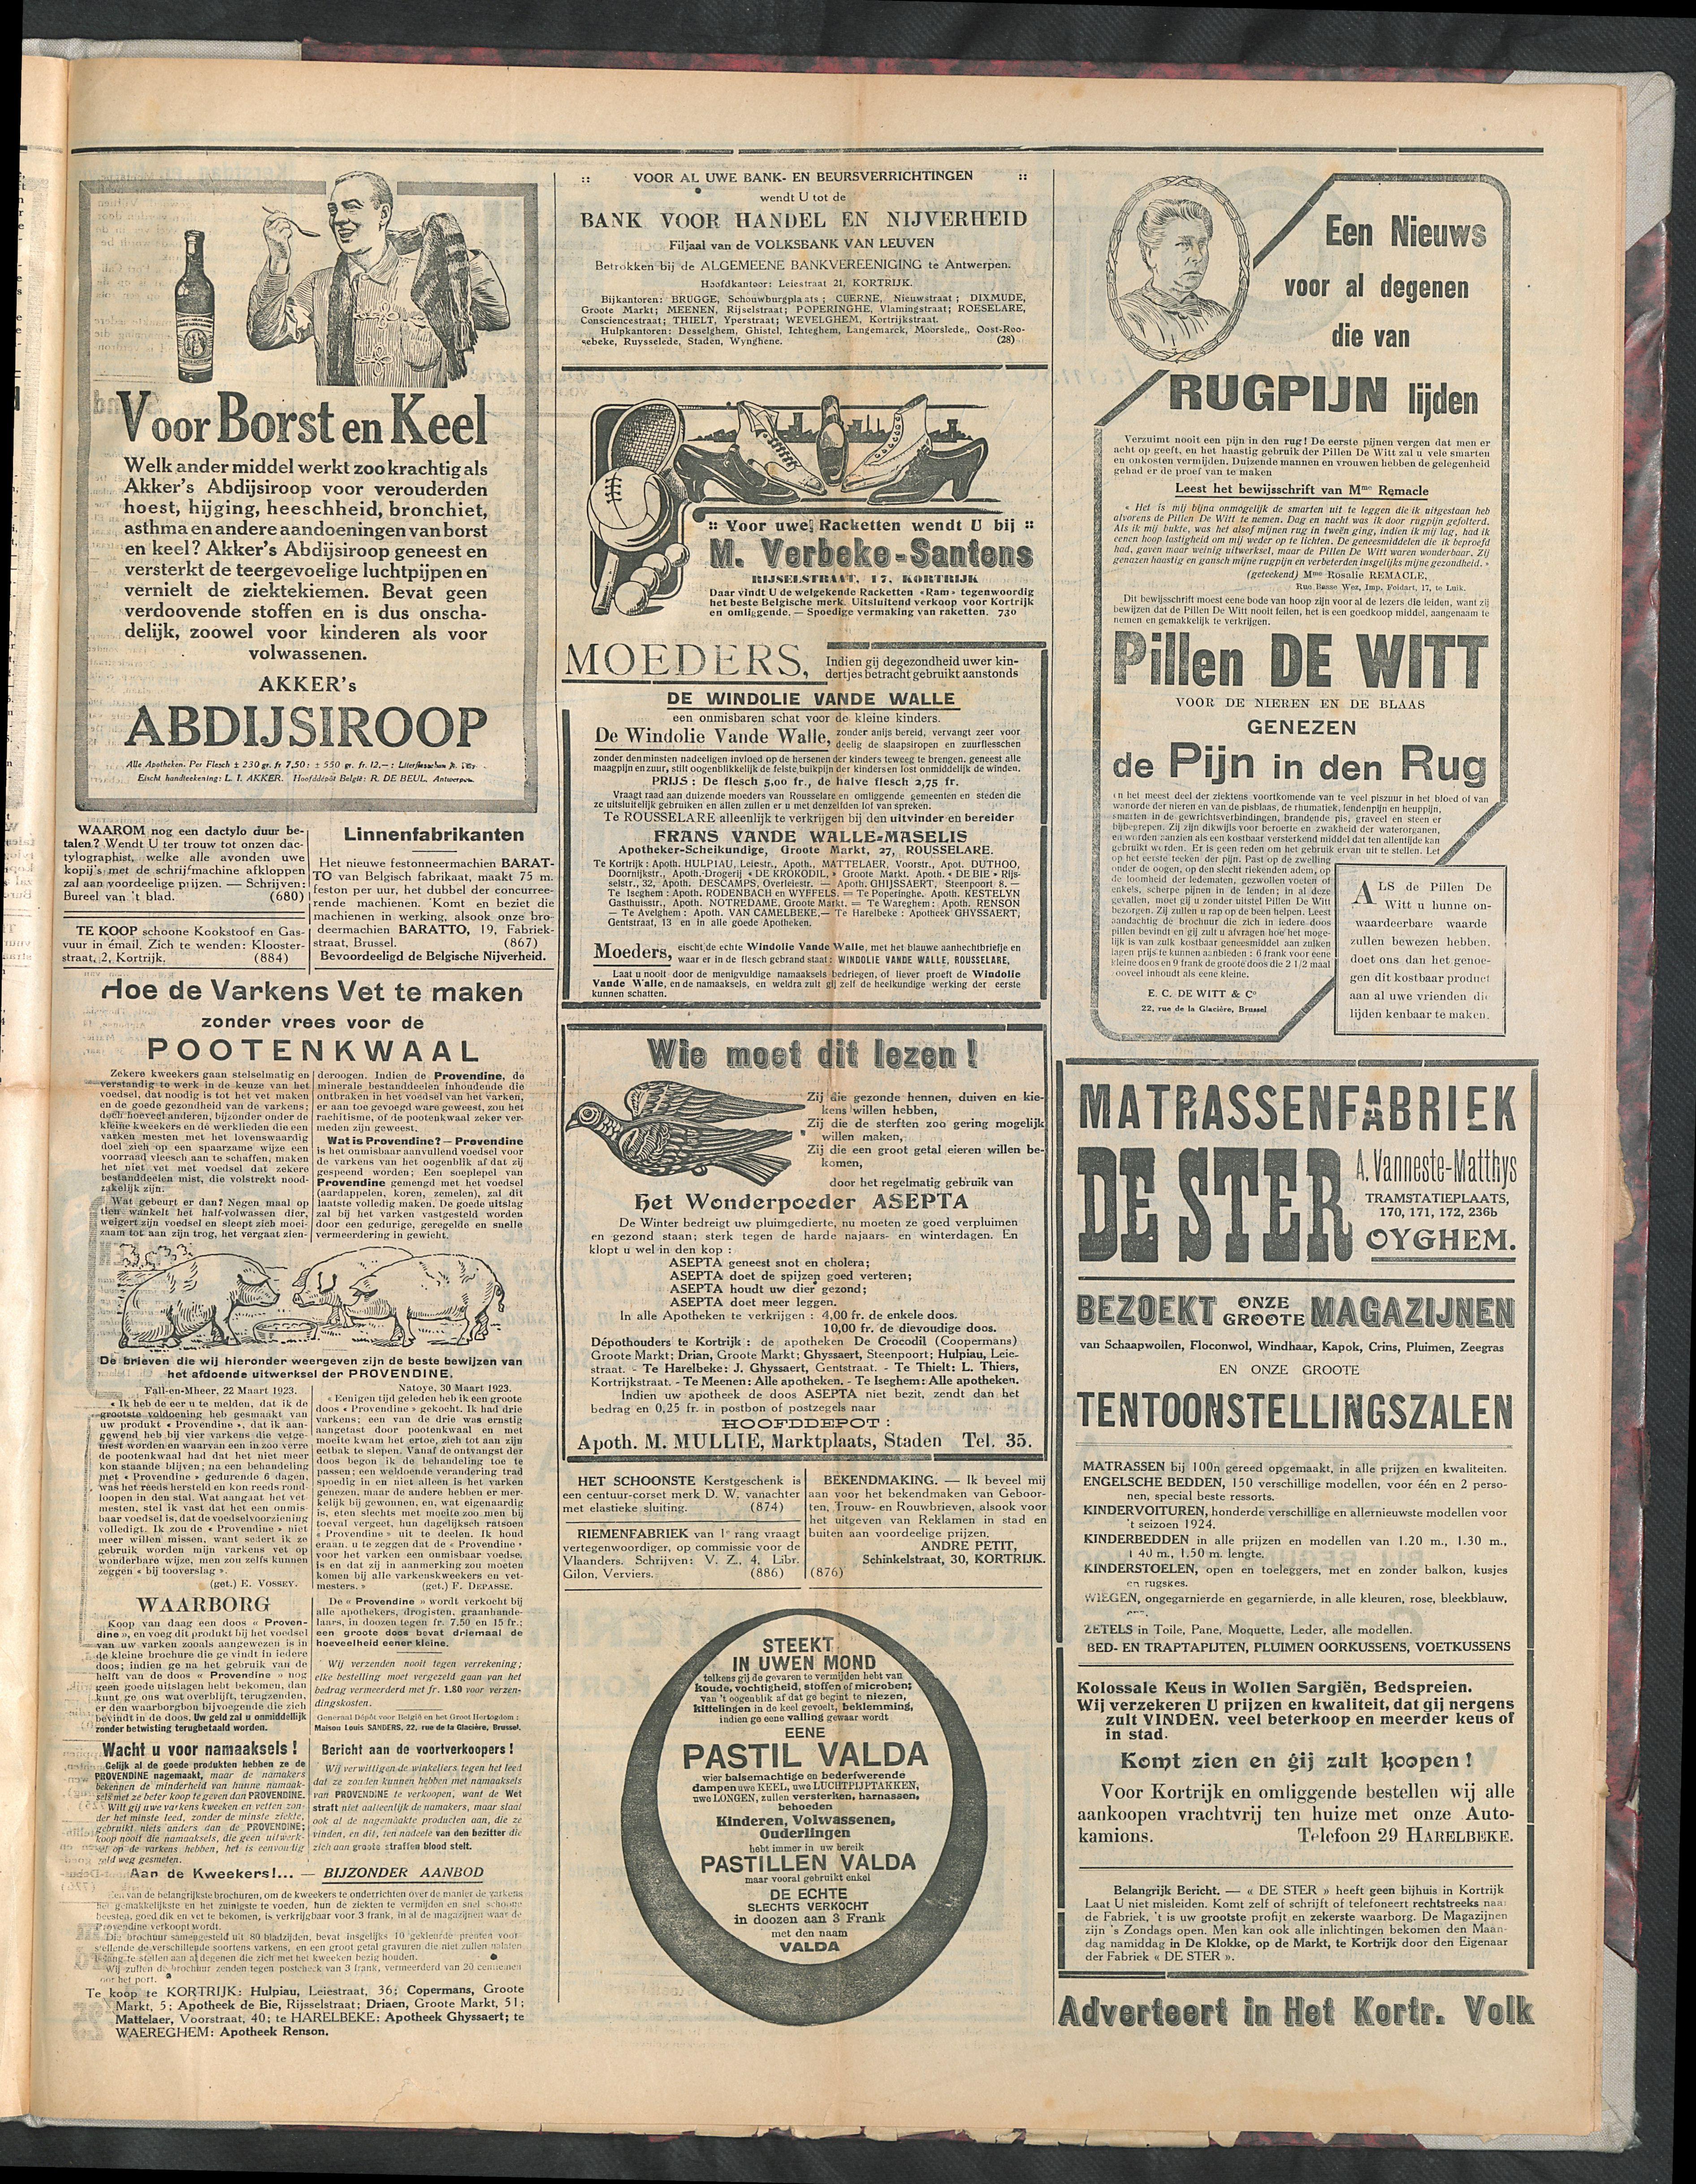 Het Kortrijksche Volk 1924-12-14 p3